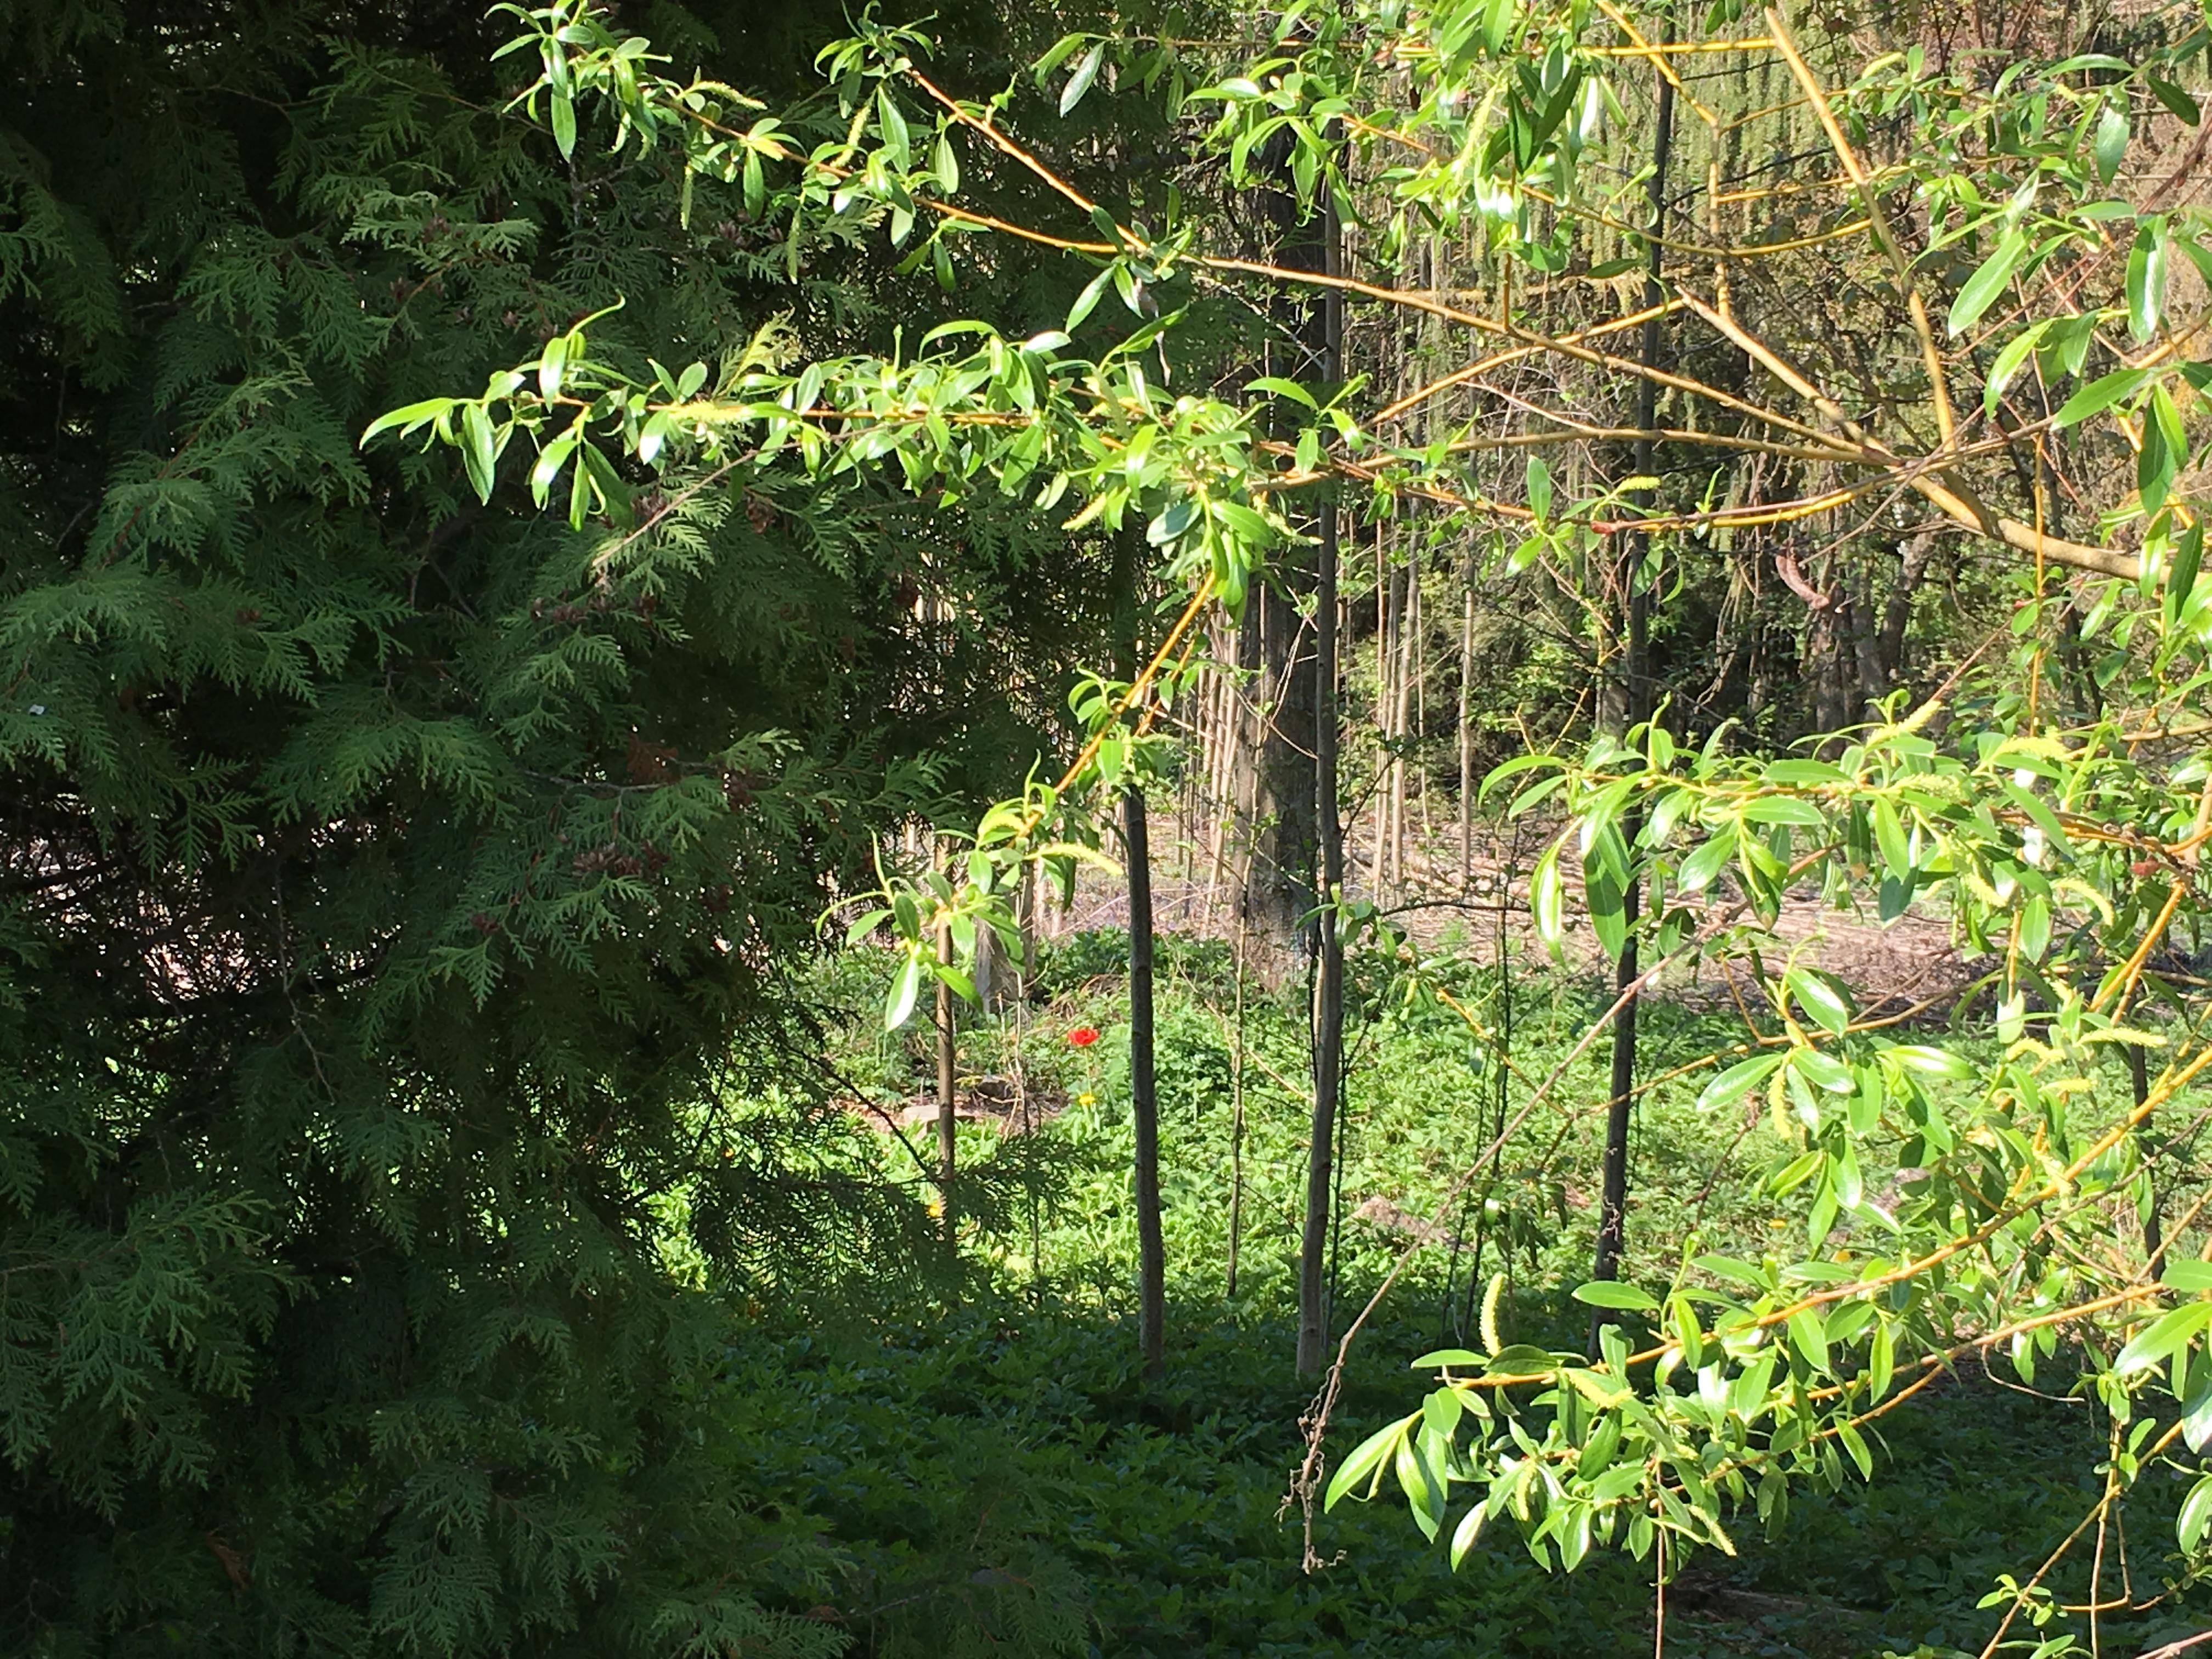 Рыбалка небо лес аленький цветок май речной пейзаж юрмала лиелупе пейзажи природы Альберт Сафиуллин